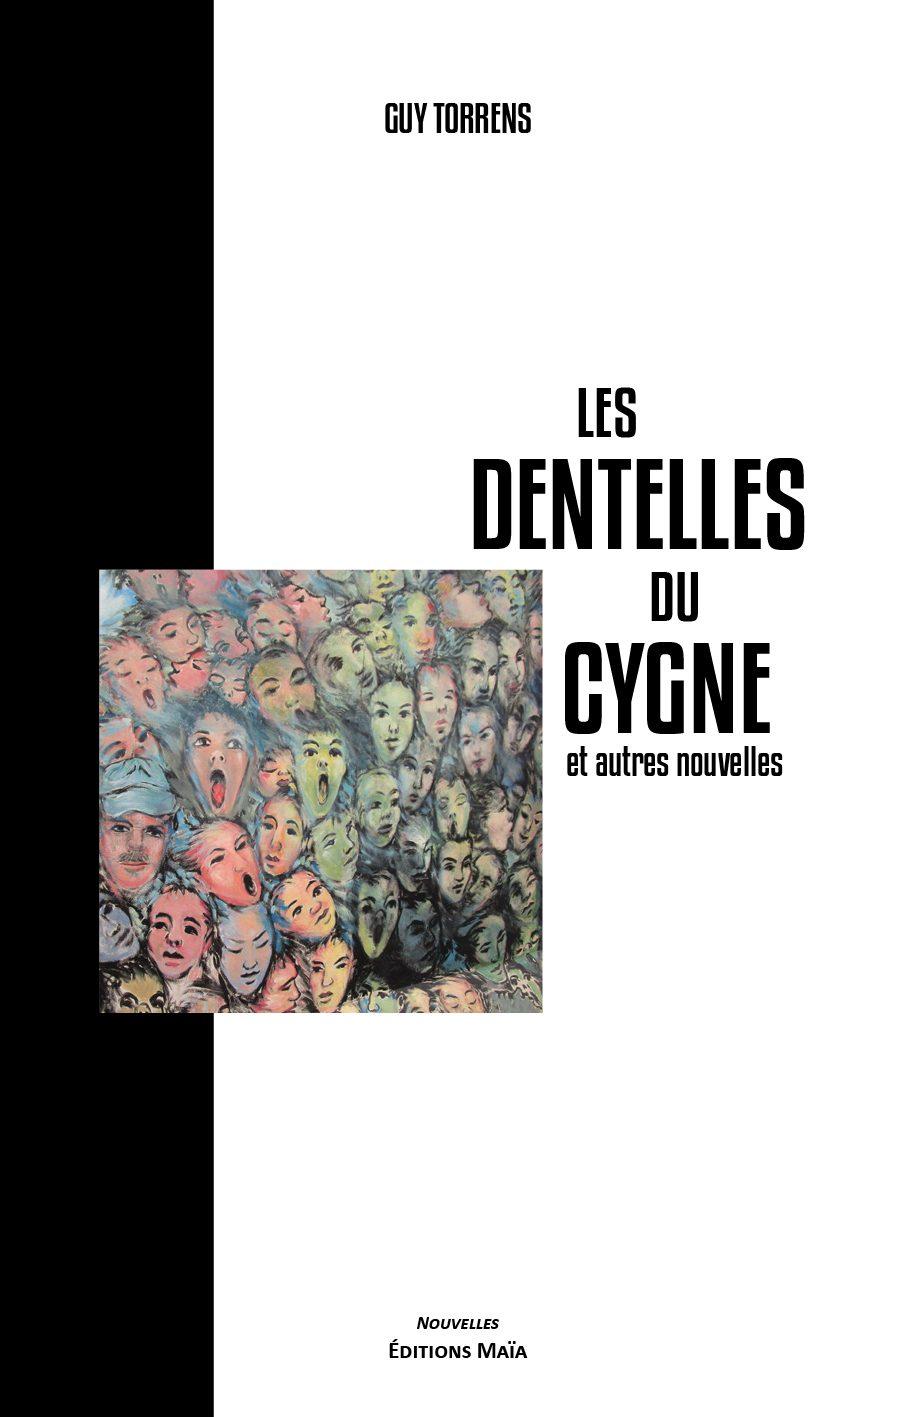 Entretien avec Guy Torrens – Les Dentelles du cygne